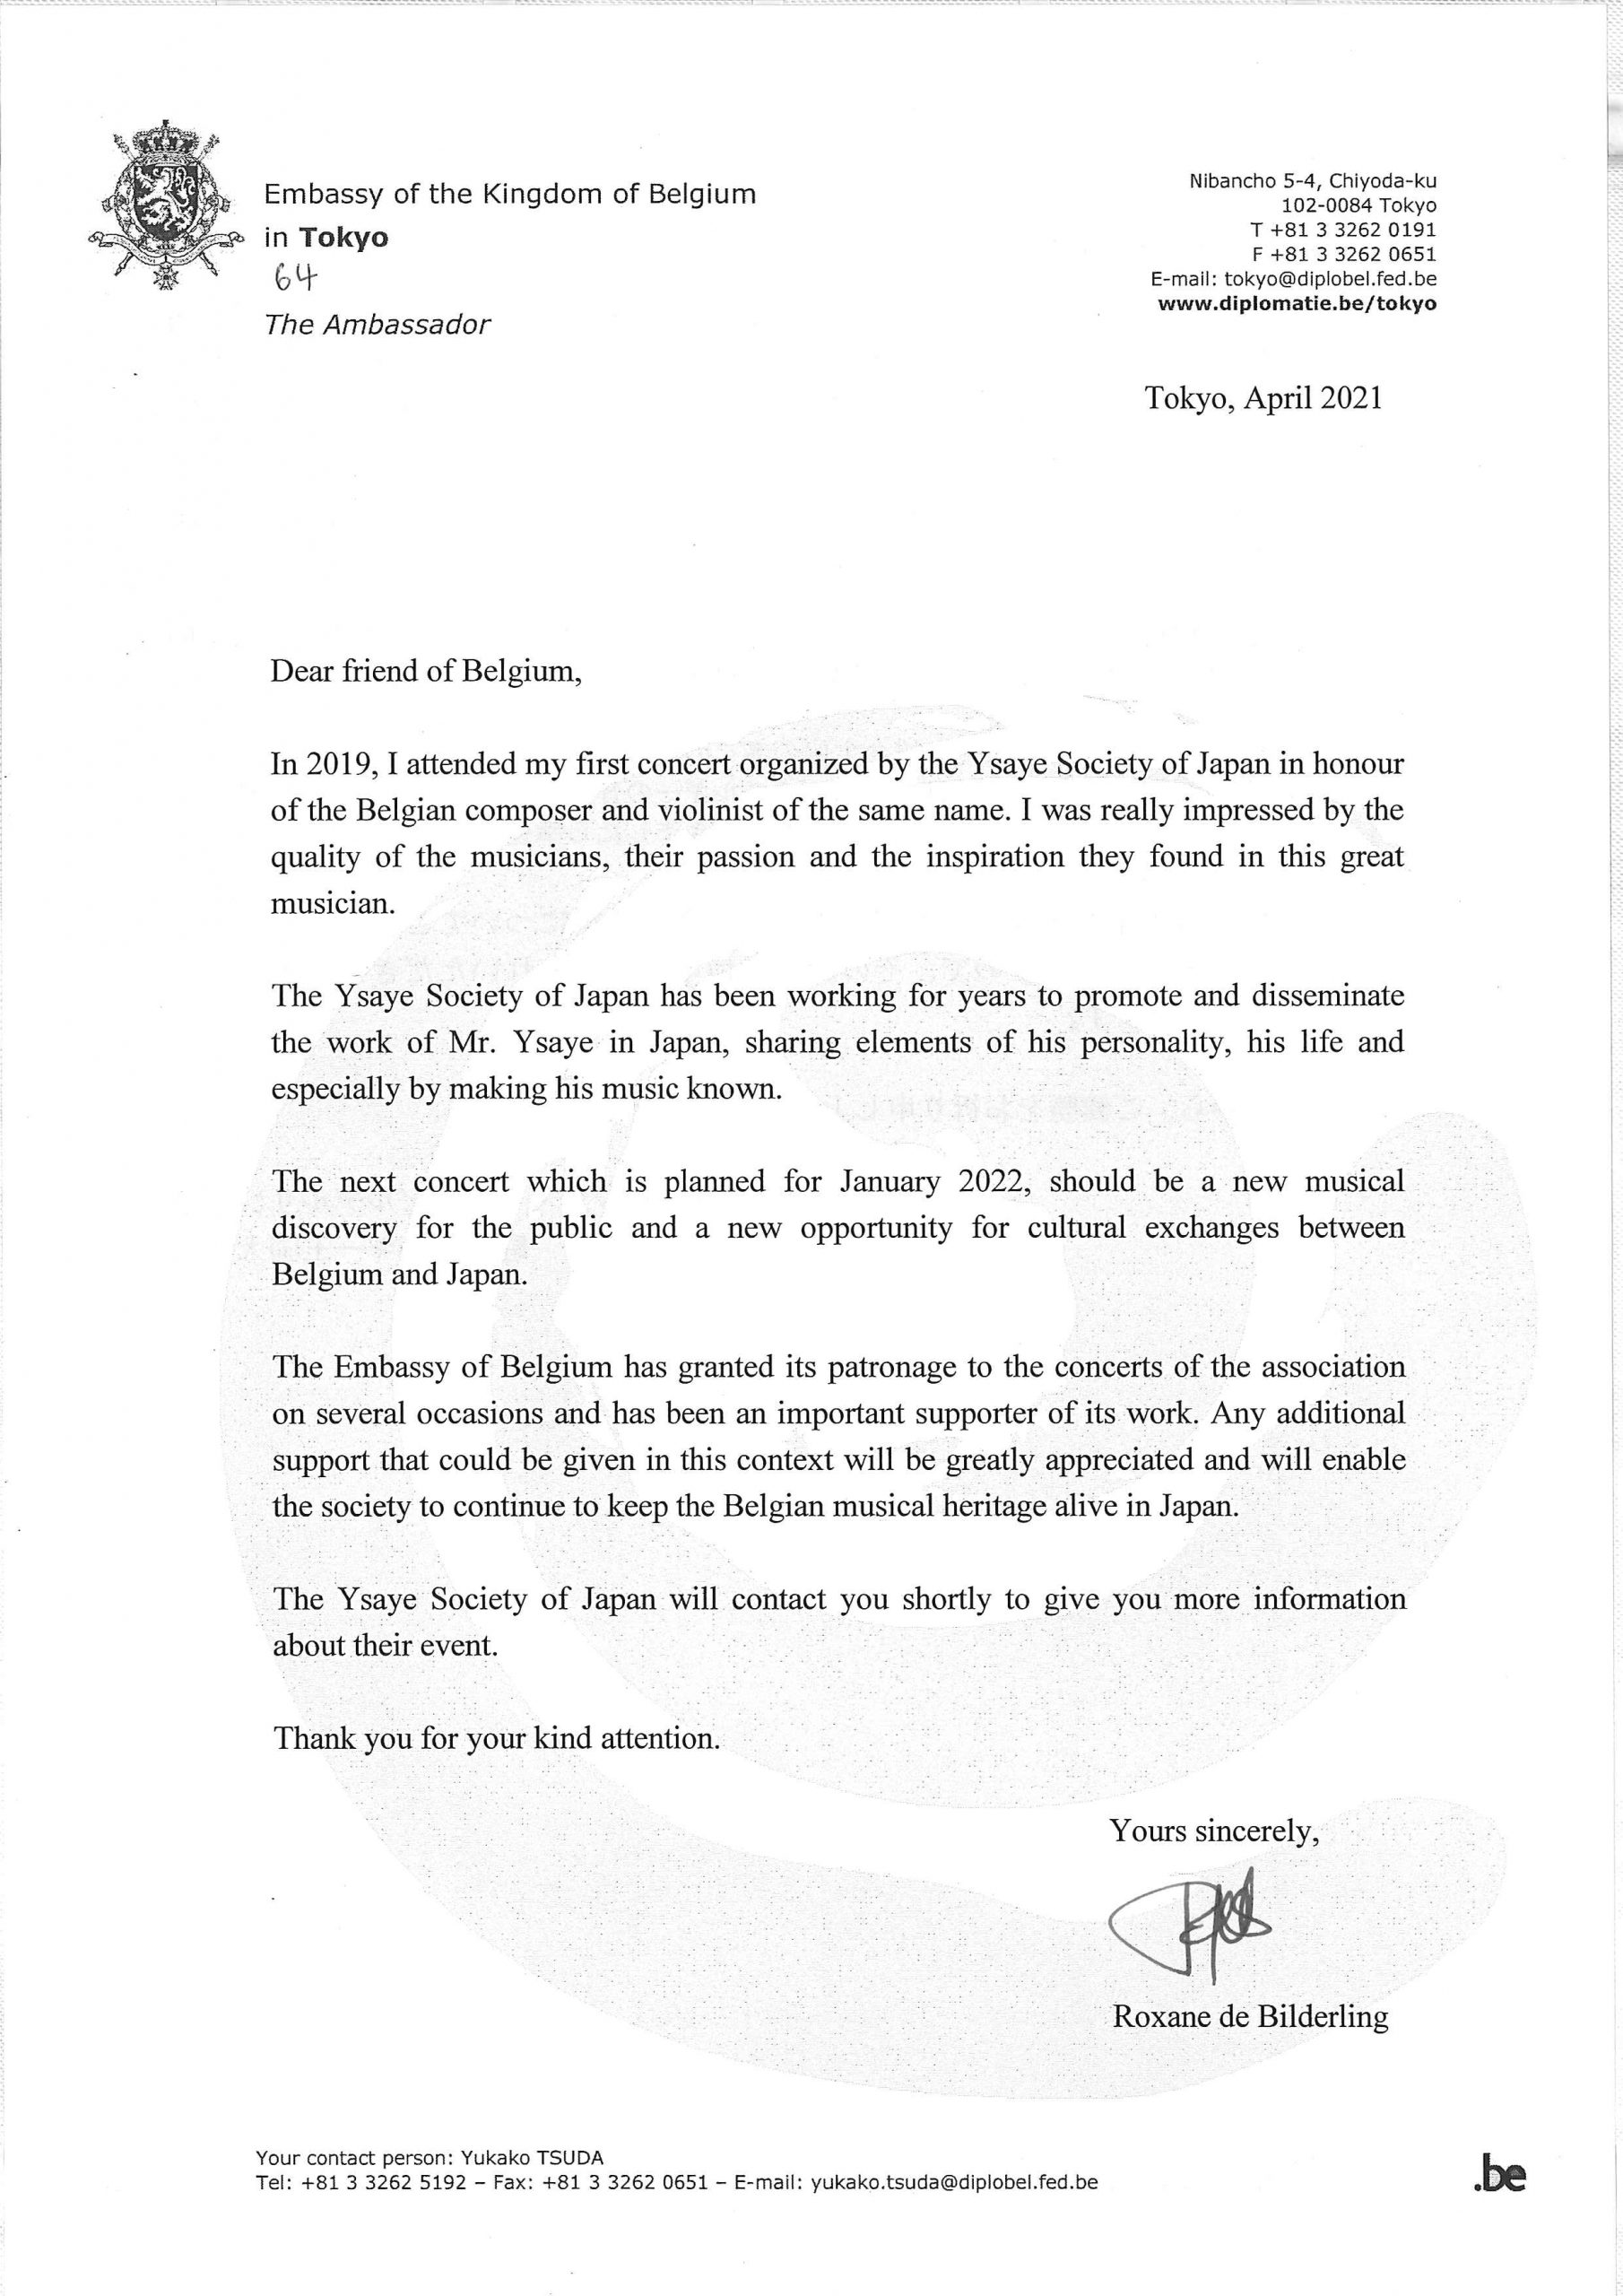 ベルギー大使署名推薦書(欧文+和訳)_ページ_1